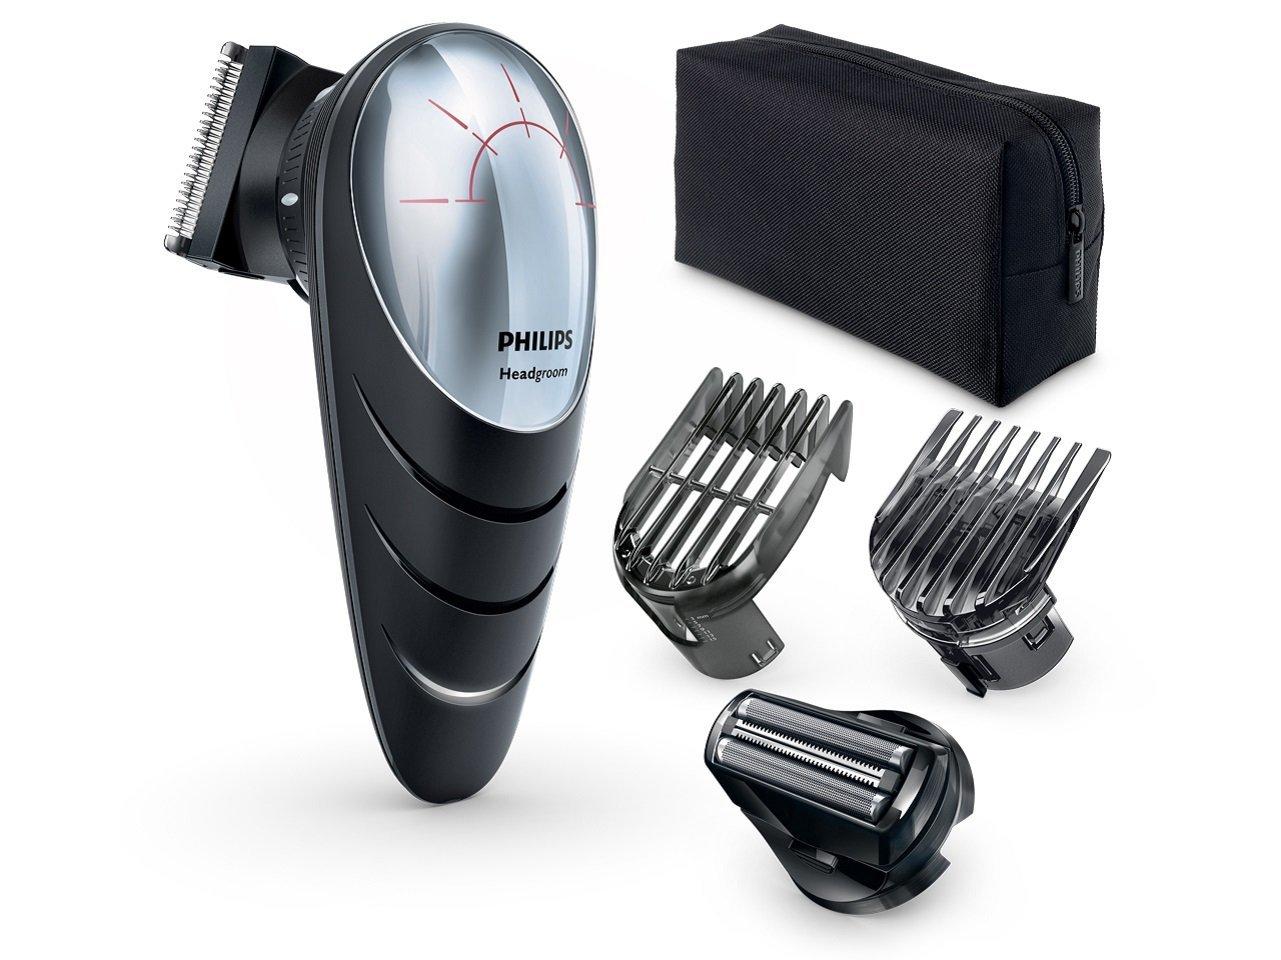 日本 電動剪髮器 飛利浦 新款 Philips Norelco QC5582/15 (QC5580升級版) 理髮器 Hair 勝 QC5580/15 電動剪髮器